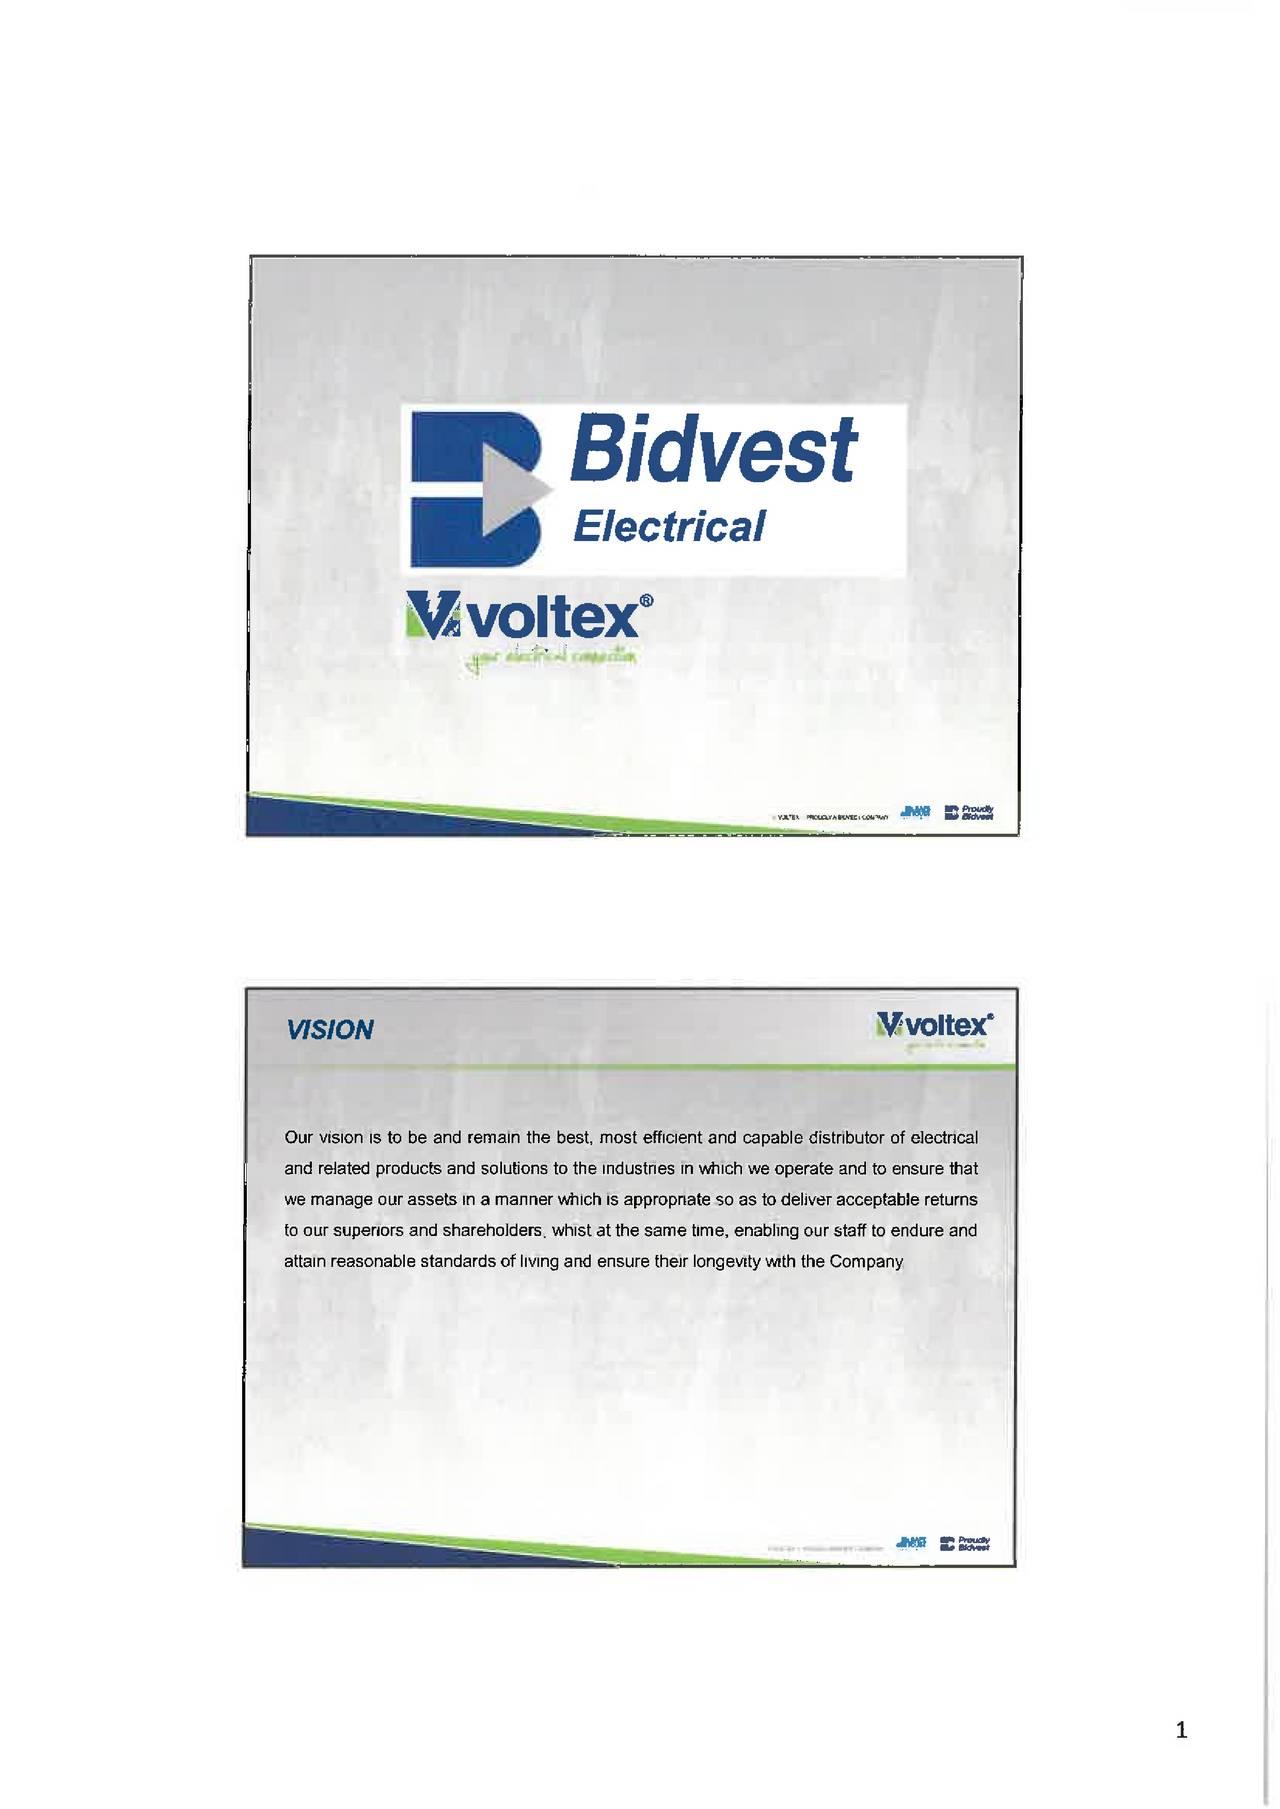 Bidvest forex